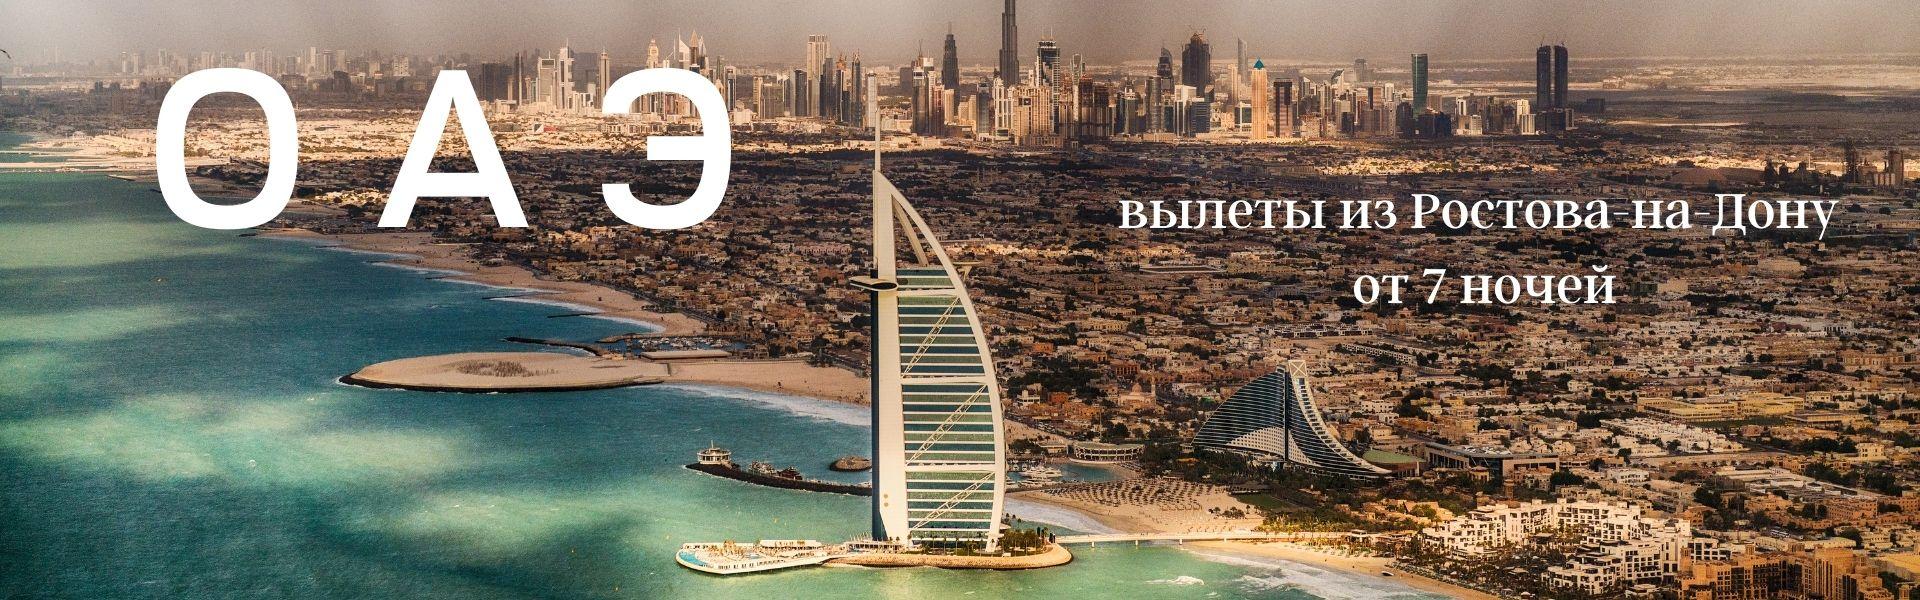 Туры в Арабские Эмираты